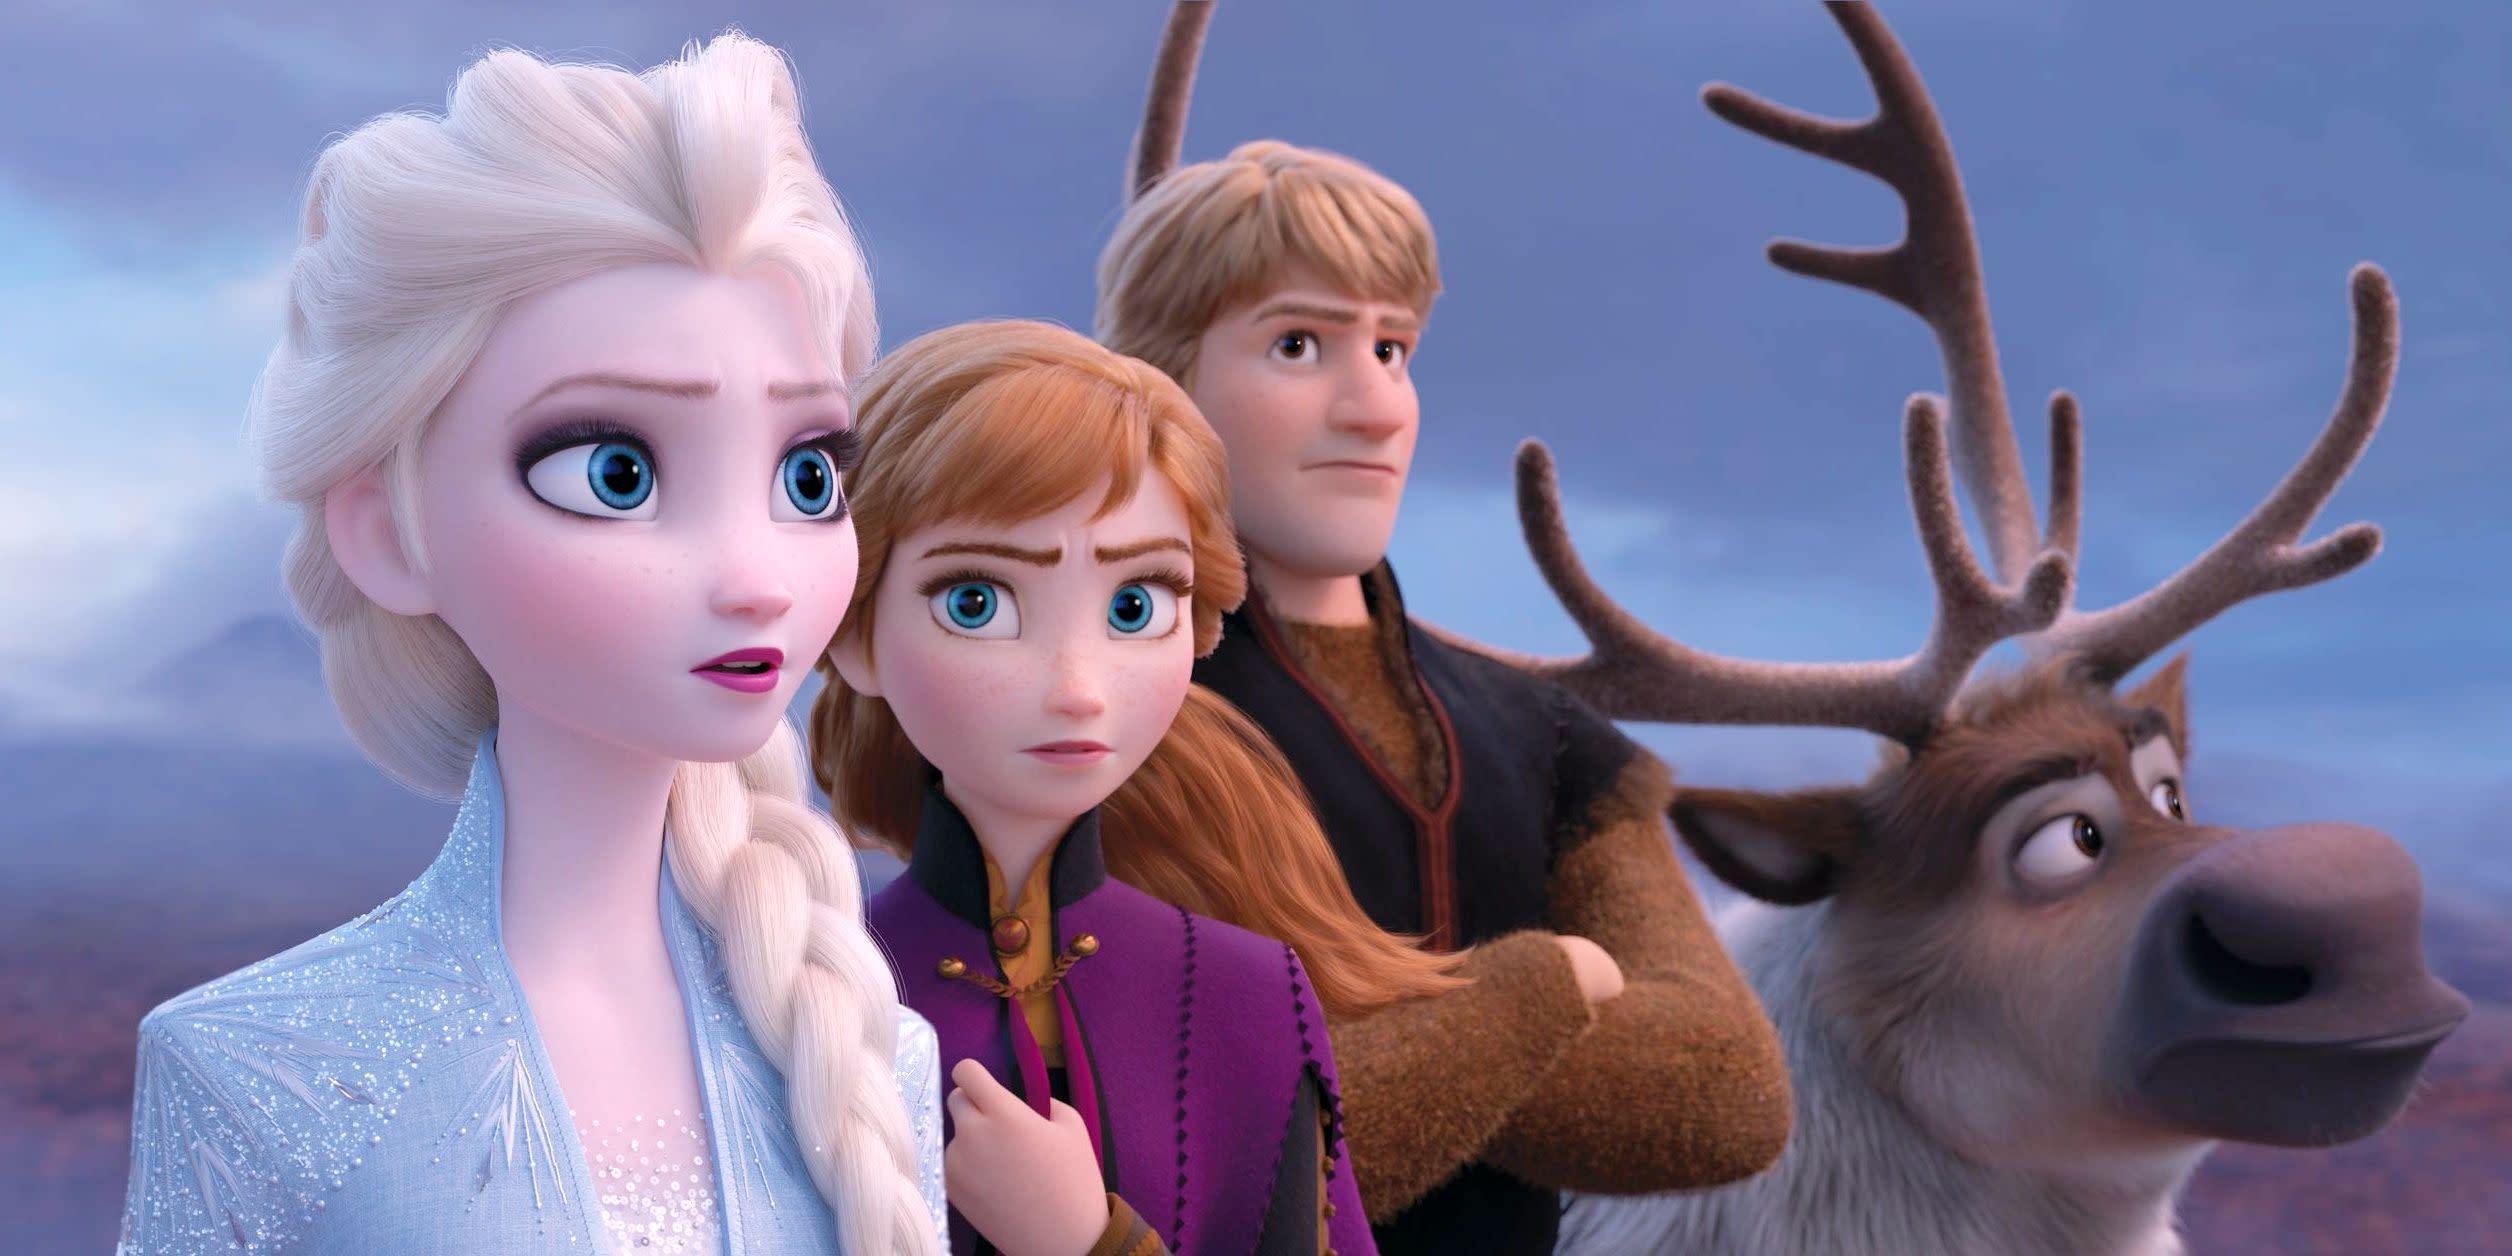 【電影抓重點】導演親解《冰雪奇緣2》10大看點!艾莎的魔力並非天生?她的爸媽到底去了哪裡?